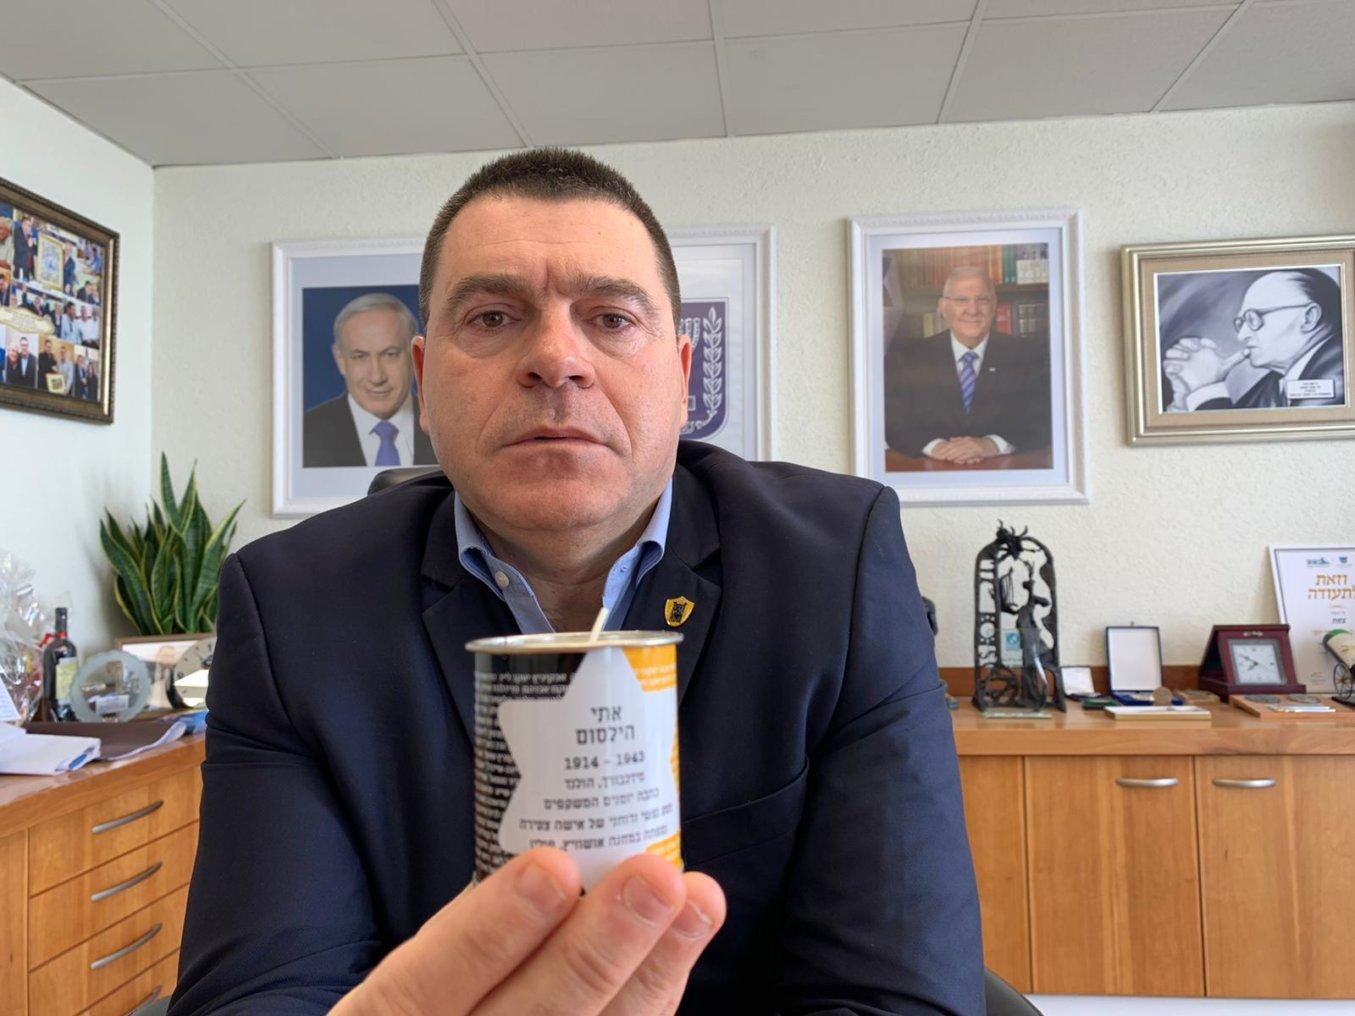 שוקי אוחנה, ראש עיריית צפת